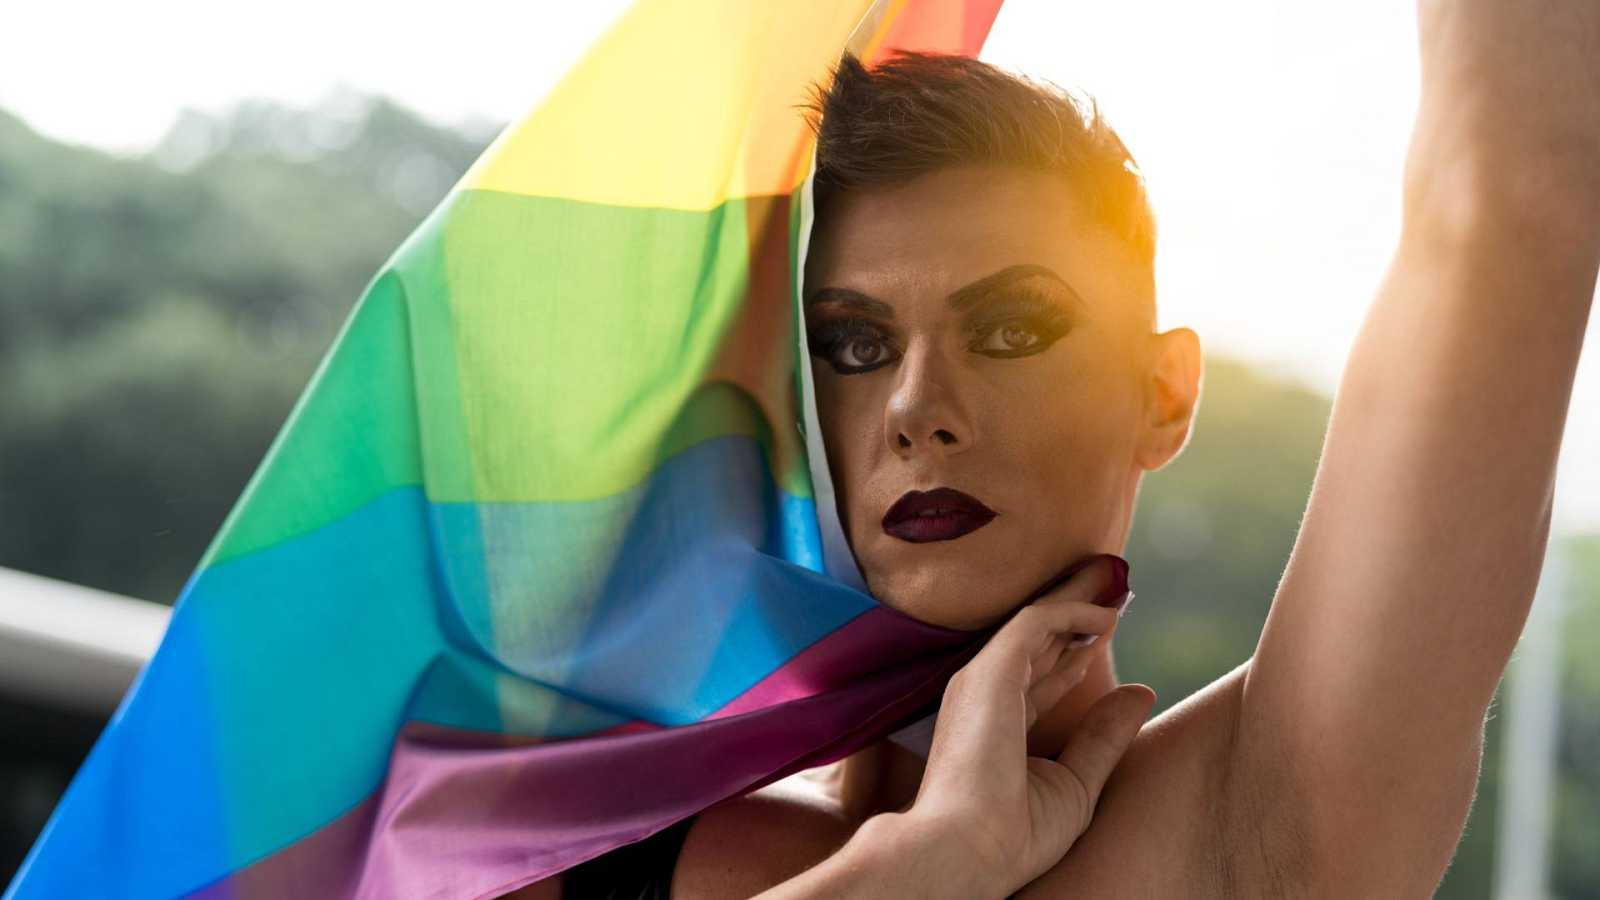 Equilibristas - Desigualdad Trans, Incubadora de Cine y TeatroXteléfono - 19/04/20 - escuchar ahora